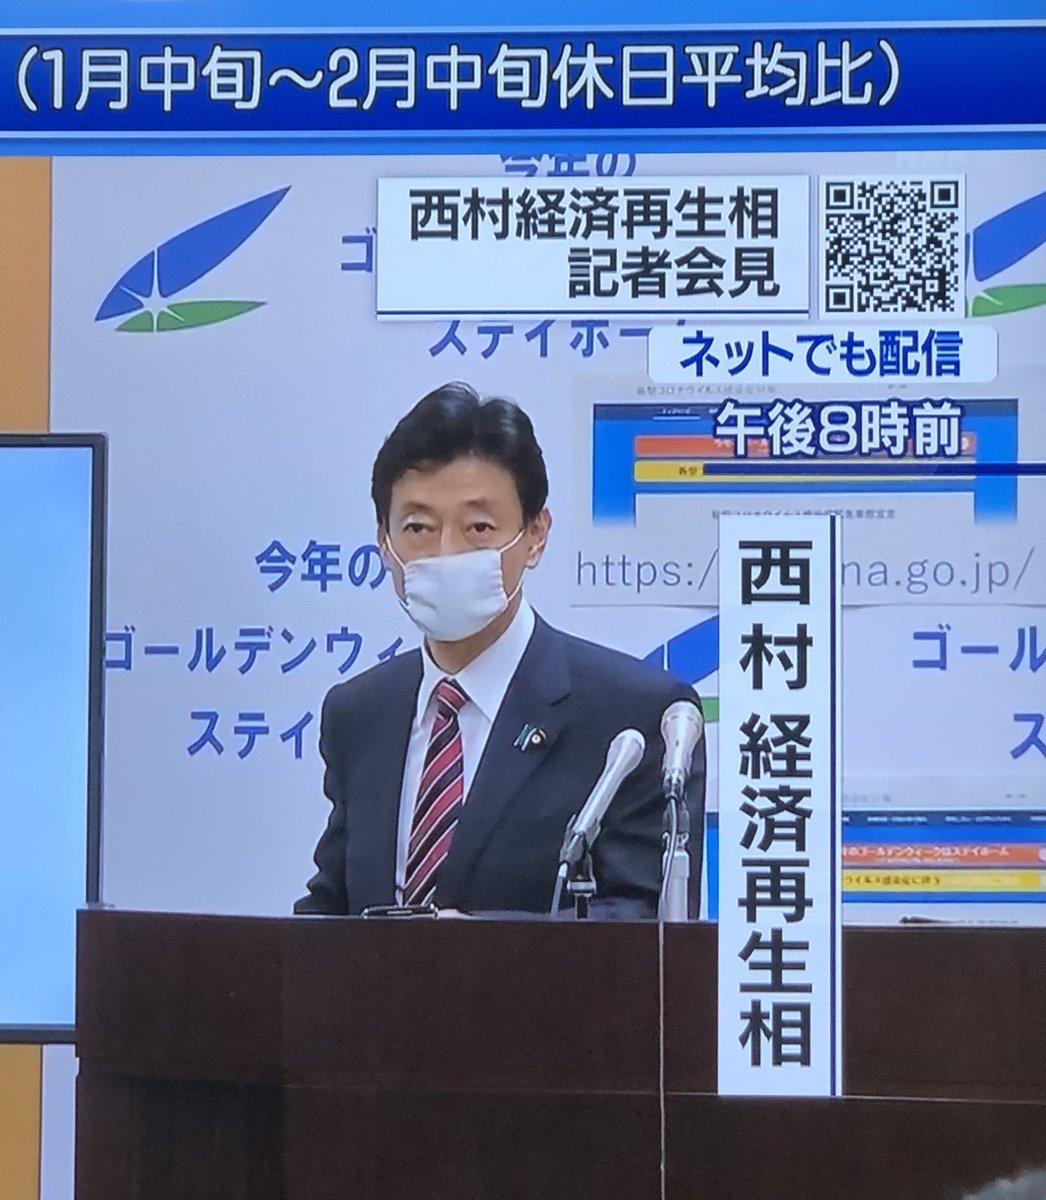 西村経済再生大臣 経歴